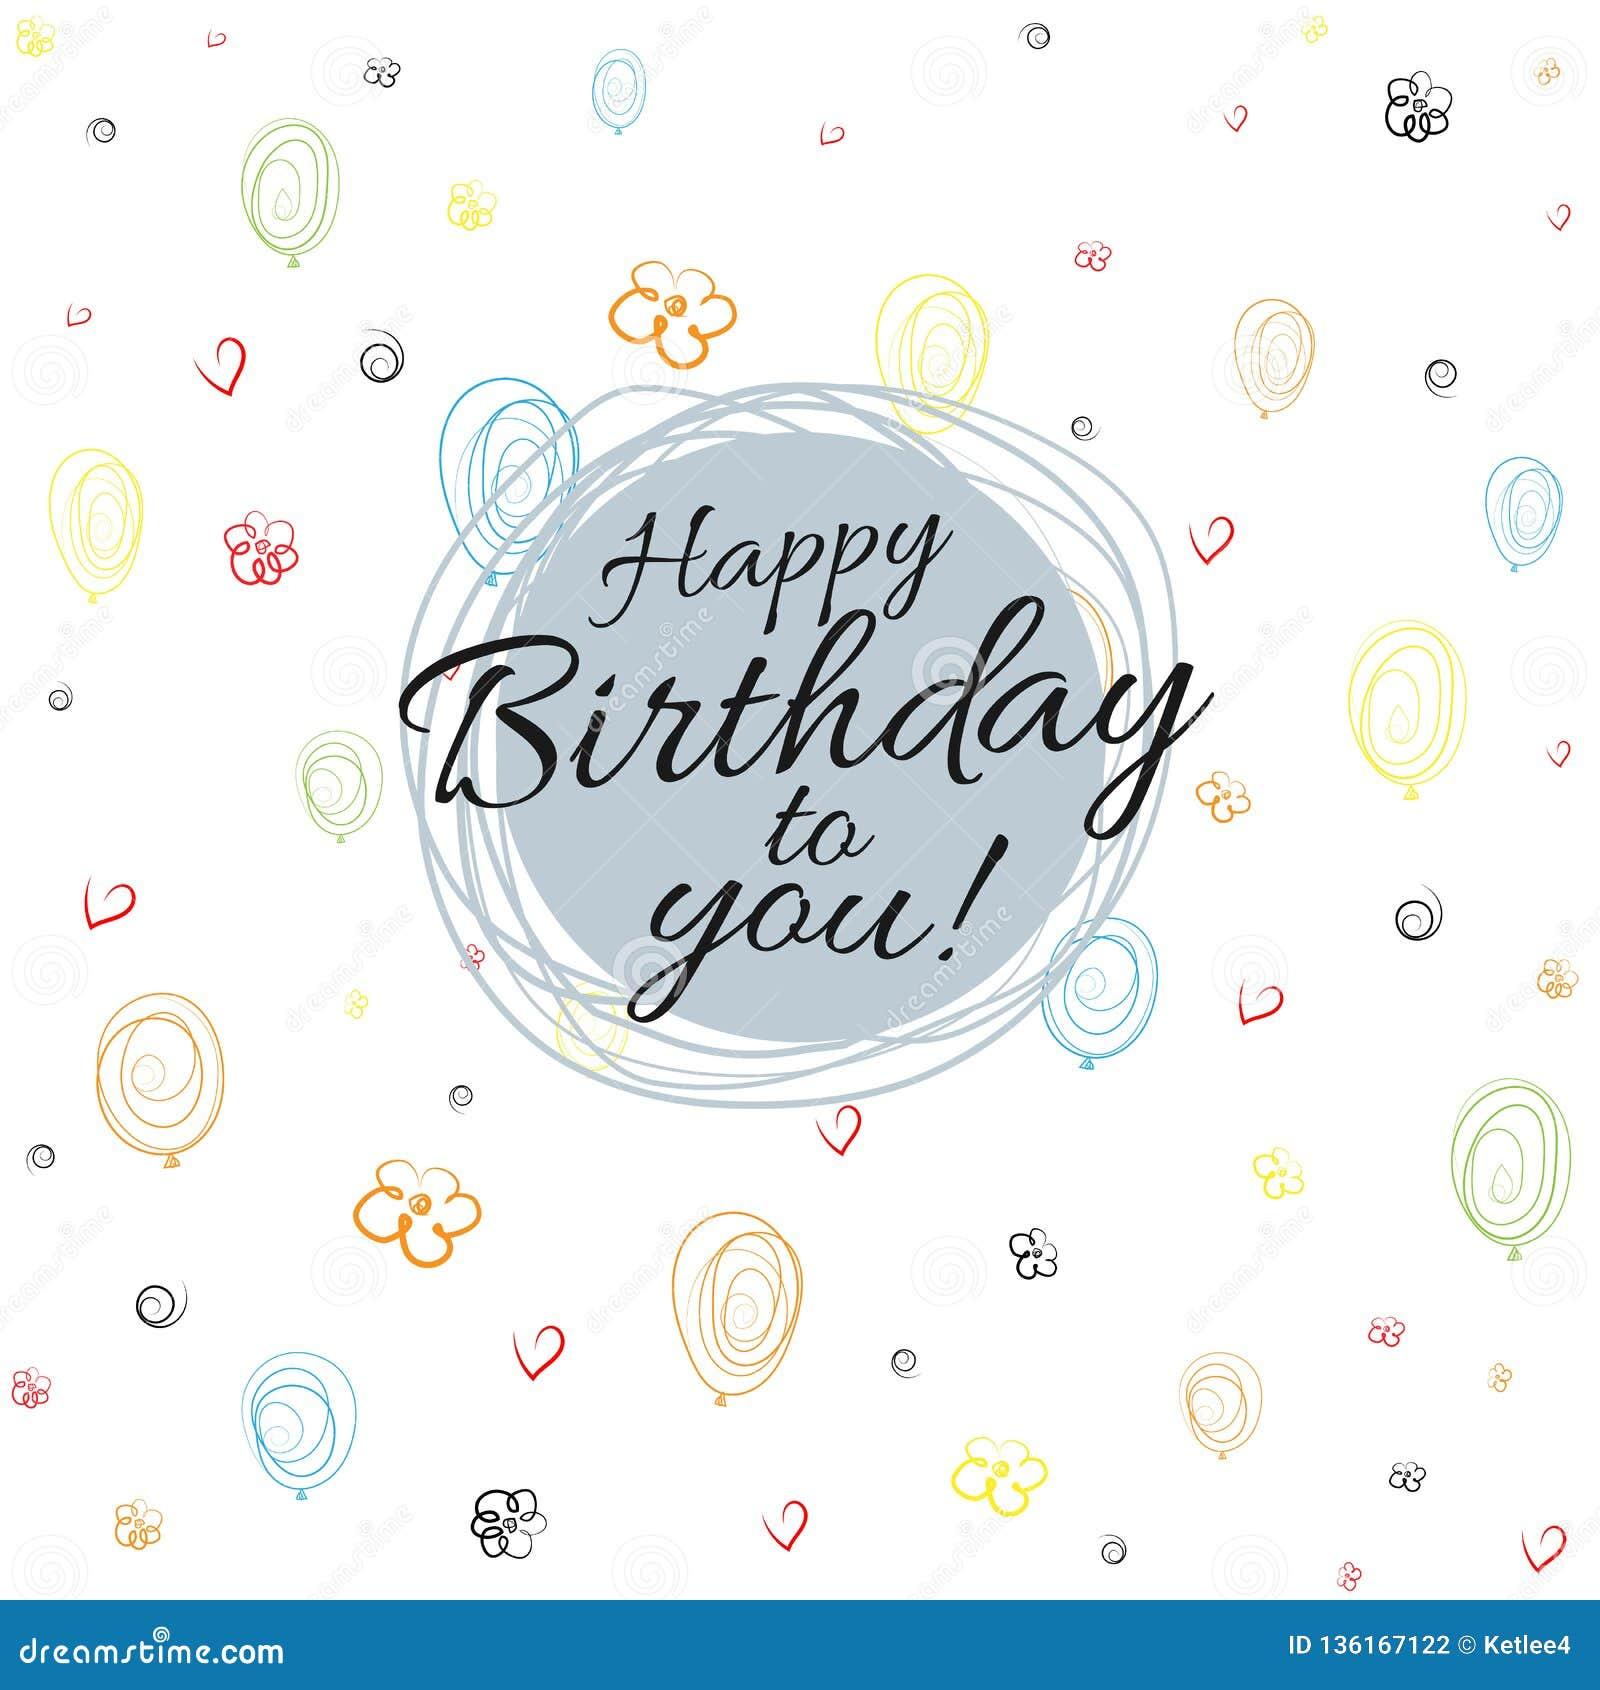 Joyeux anniversaire de bannière sur le fond sans couture des ballons, coeurs, fleurs, spirales dessinant le vecteur plat de fond